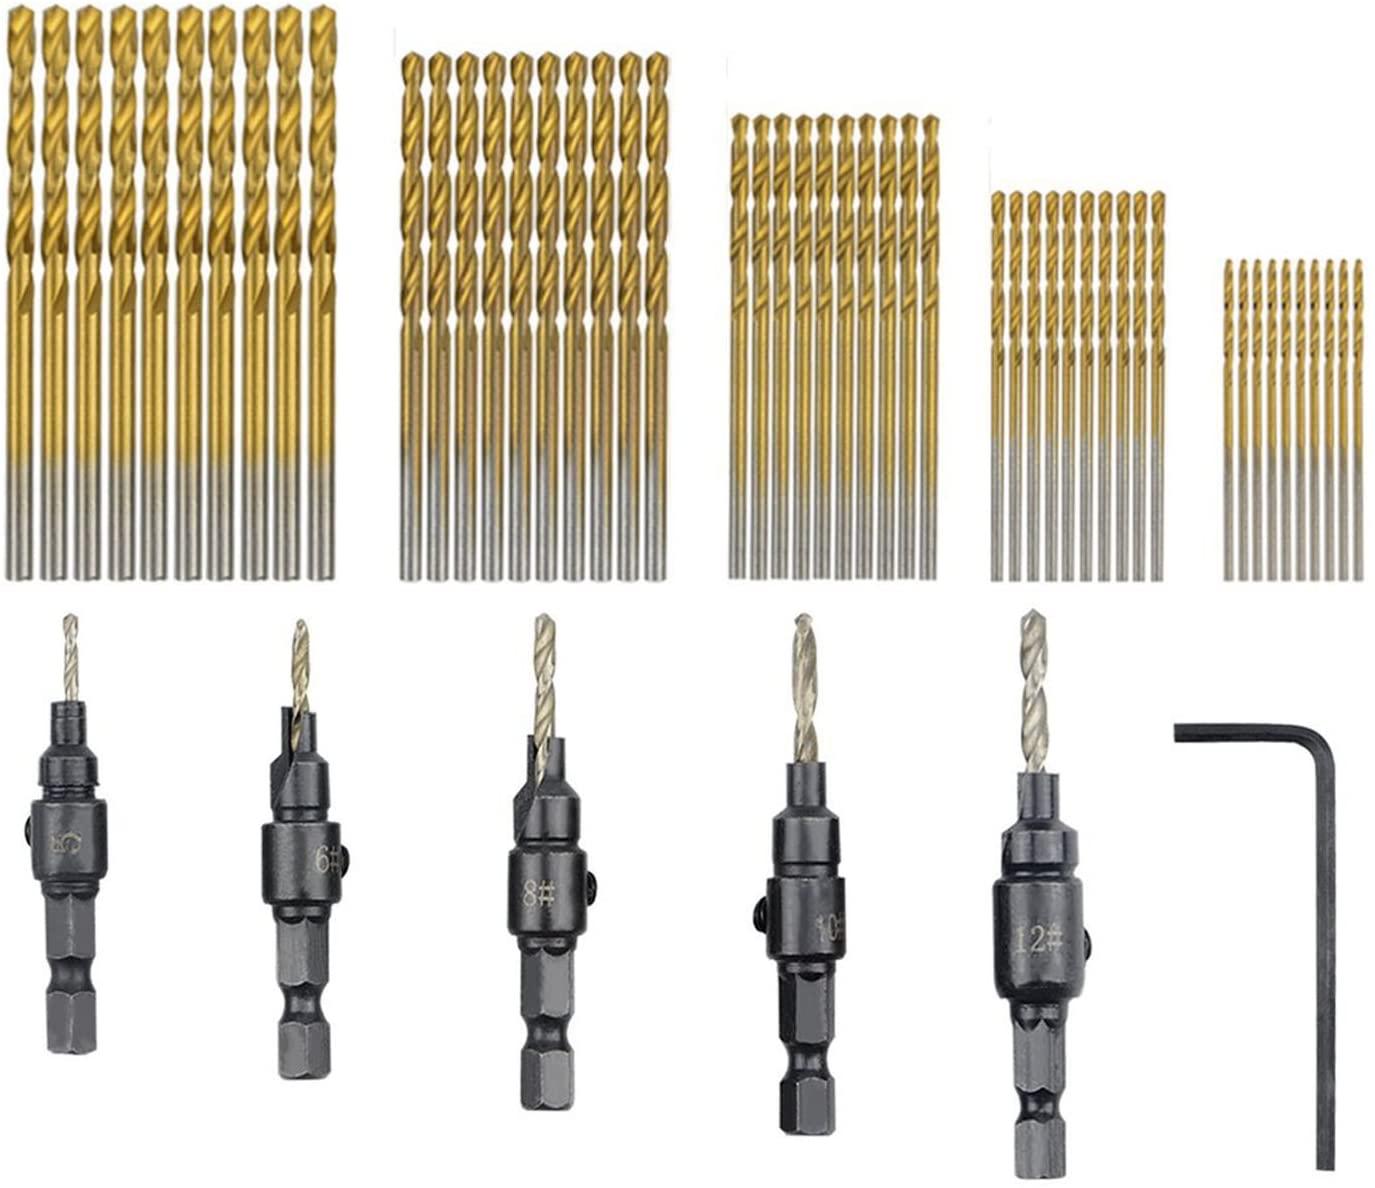 Gaoominy 55 PCS HSS 4241 Countersink Cone Drill Bit Set and High Speed Steel HSS Titanium Twist Drill Bits (1 mm-3 mm)